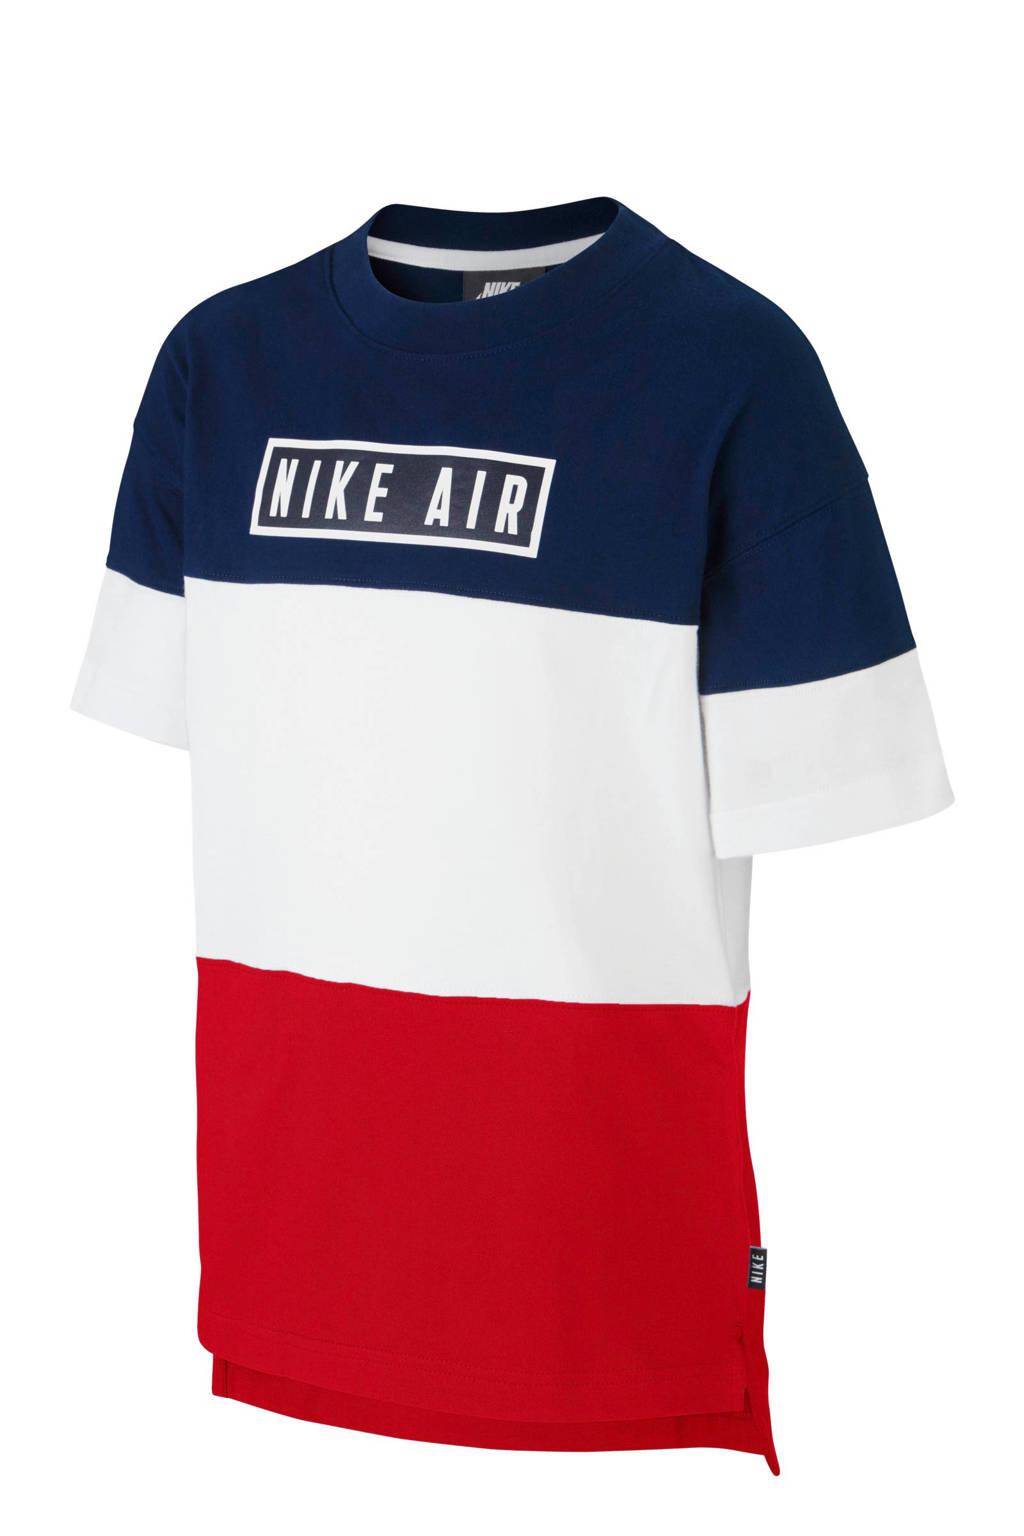 Nike Air T-shirt met all over print donkerblauw/wit/rood, Donkerblauw/wit/rood